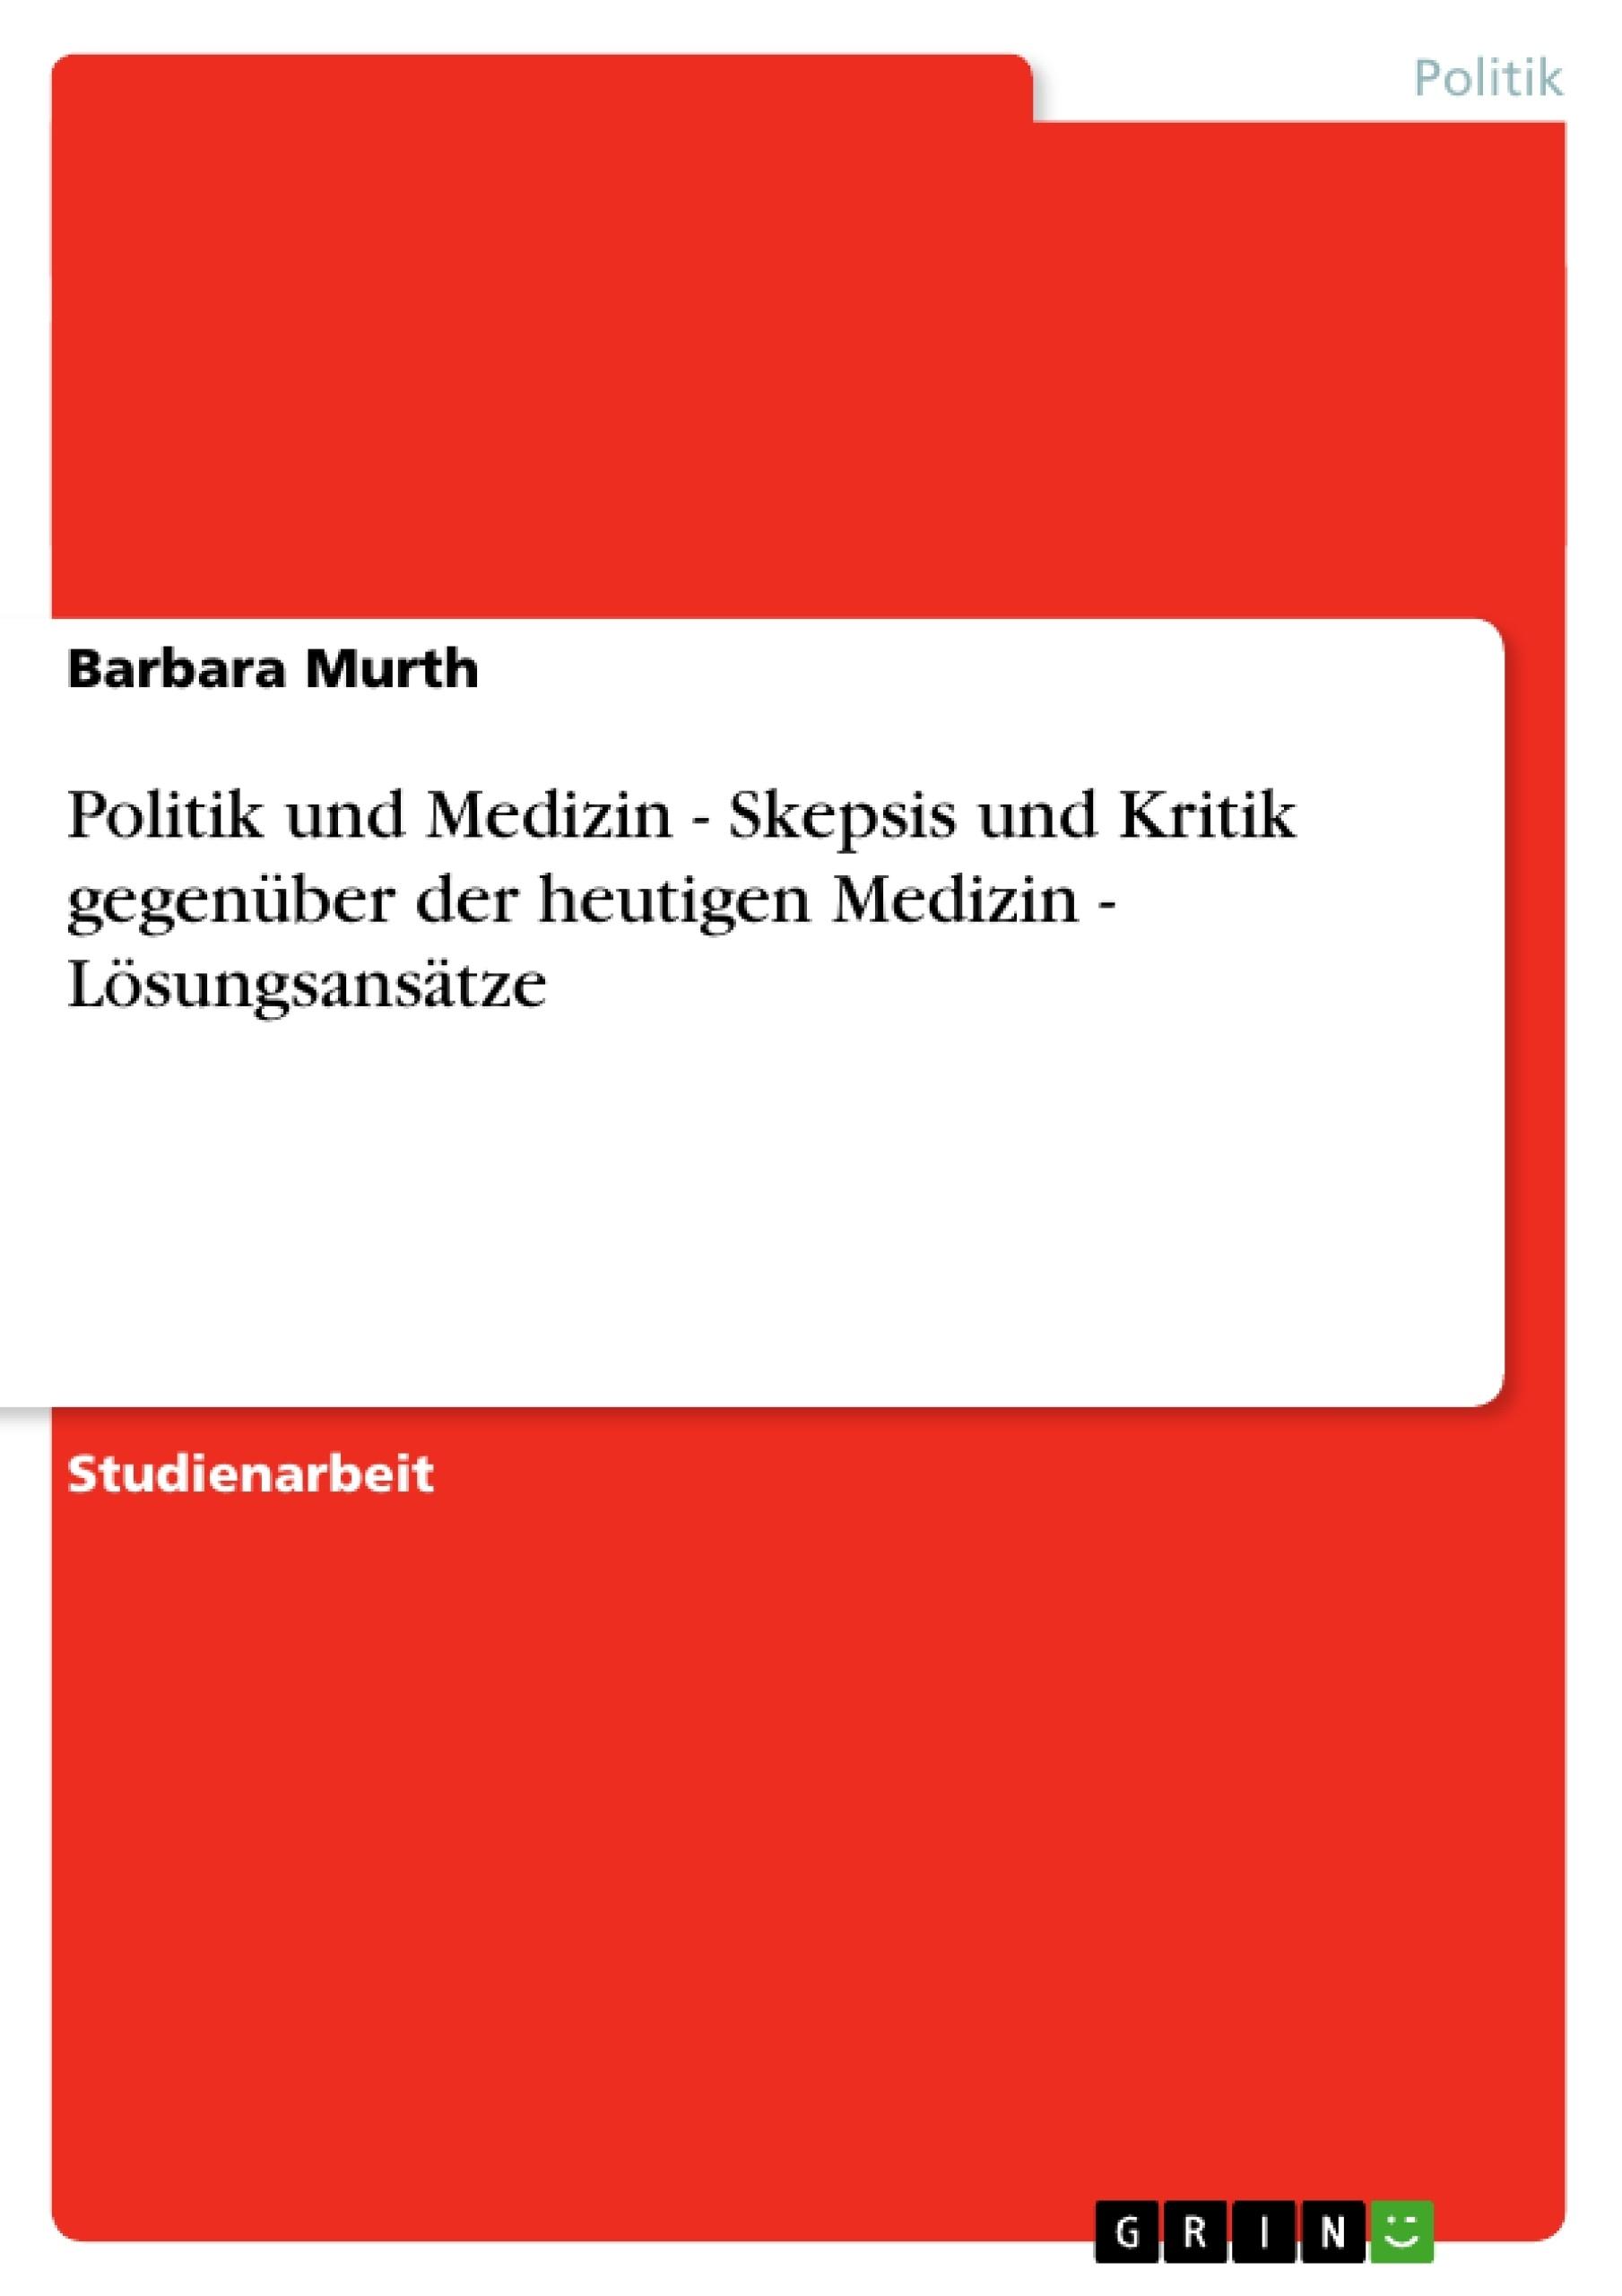 Titel: Politik und Medizin - Skepsis und Kritik gegenüber der heutigen Medizin - Lösungsansätze